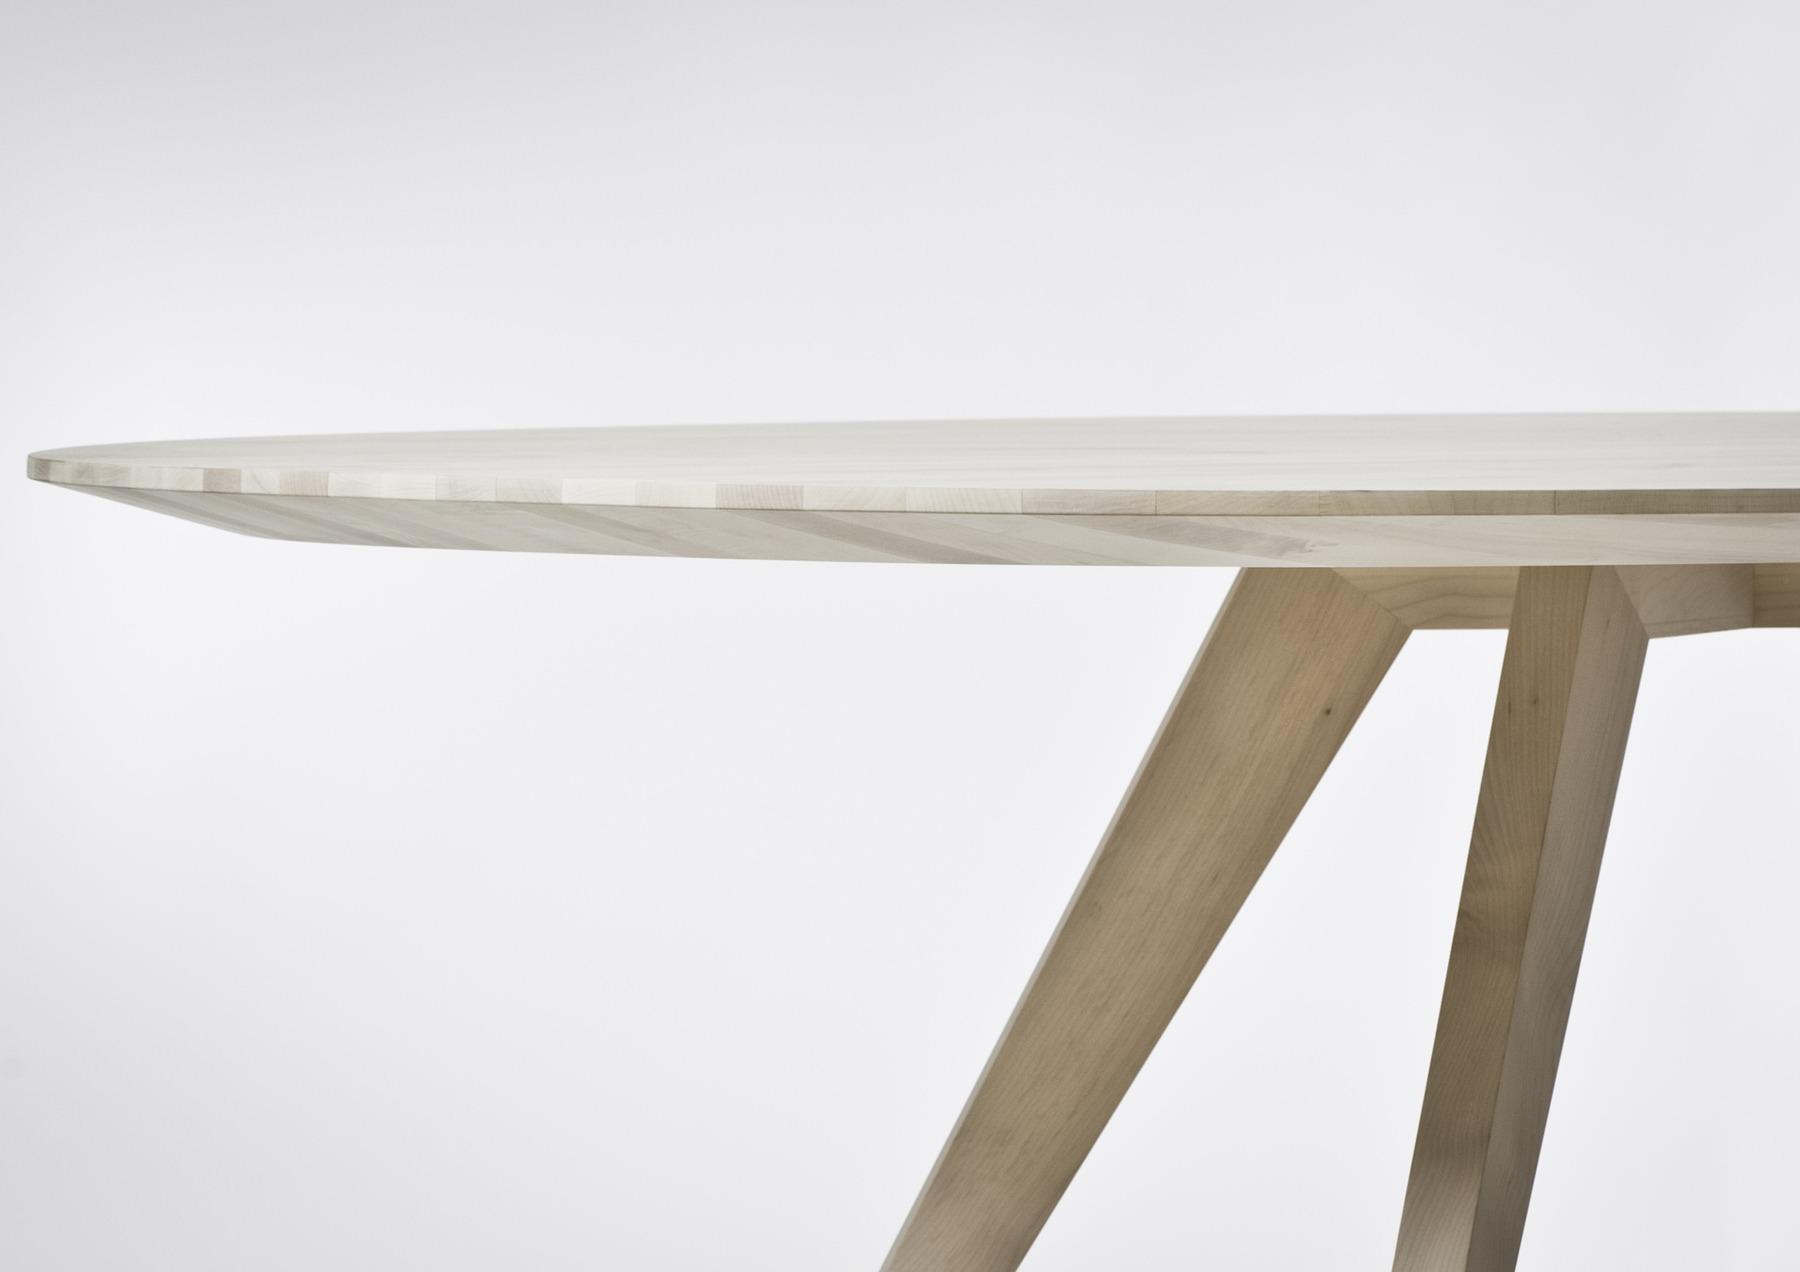 Esstisch BOB 510 Massivholz europäisch, produziert von Bach Heiden mit CNC Reichenbacher Eco 1232-B Sprint